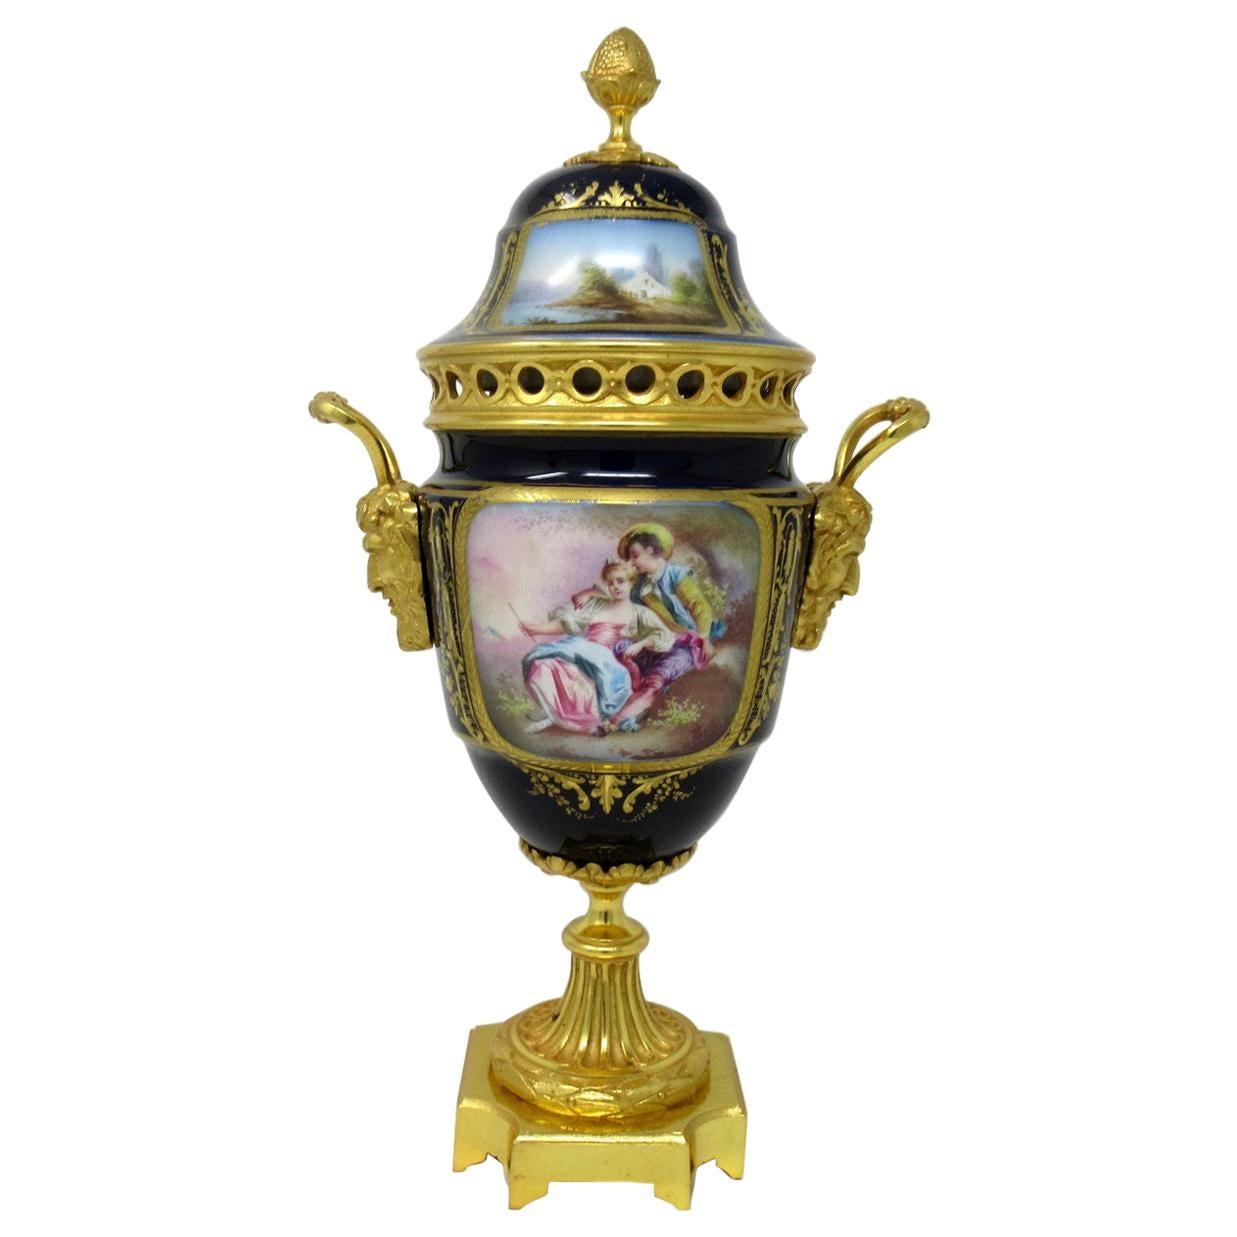 Antique French Sèvres Porcelain Ormolu Gilt Bronze Urn Vase Potpourri